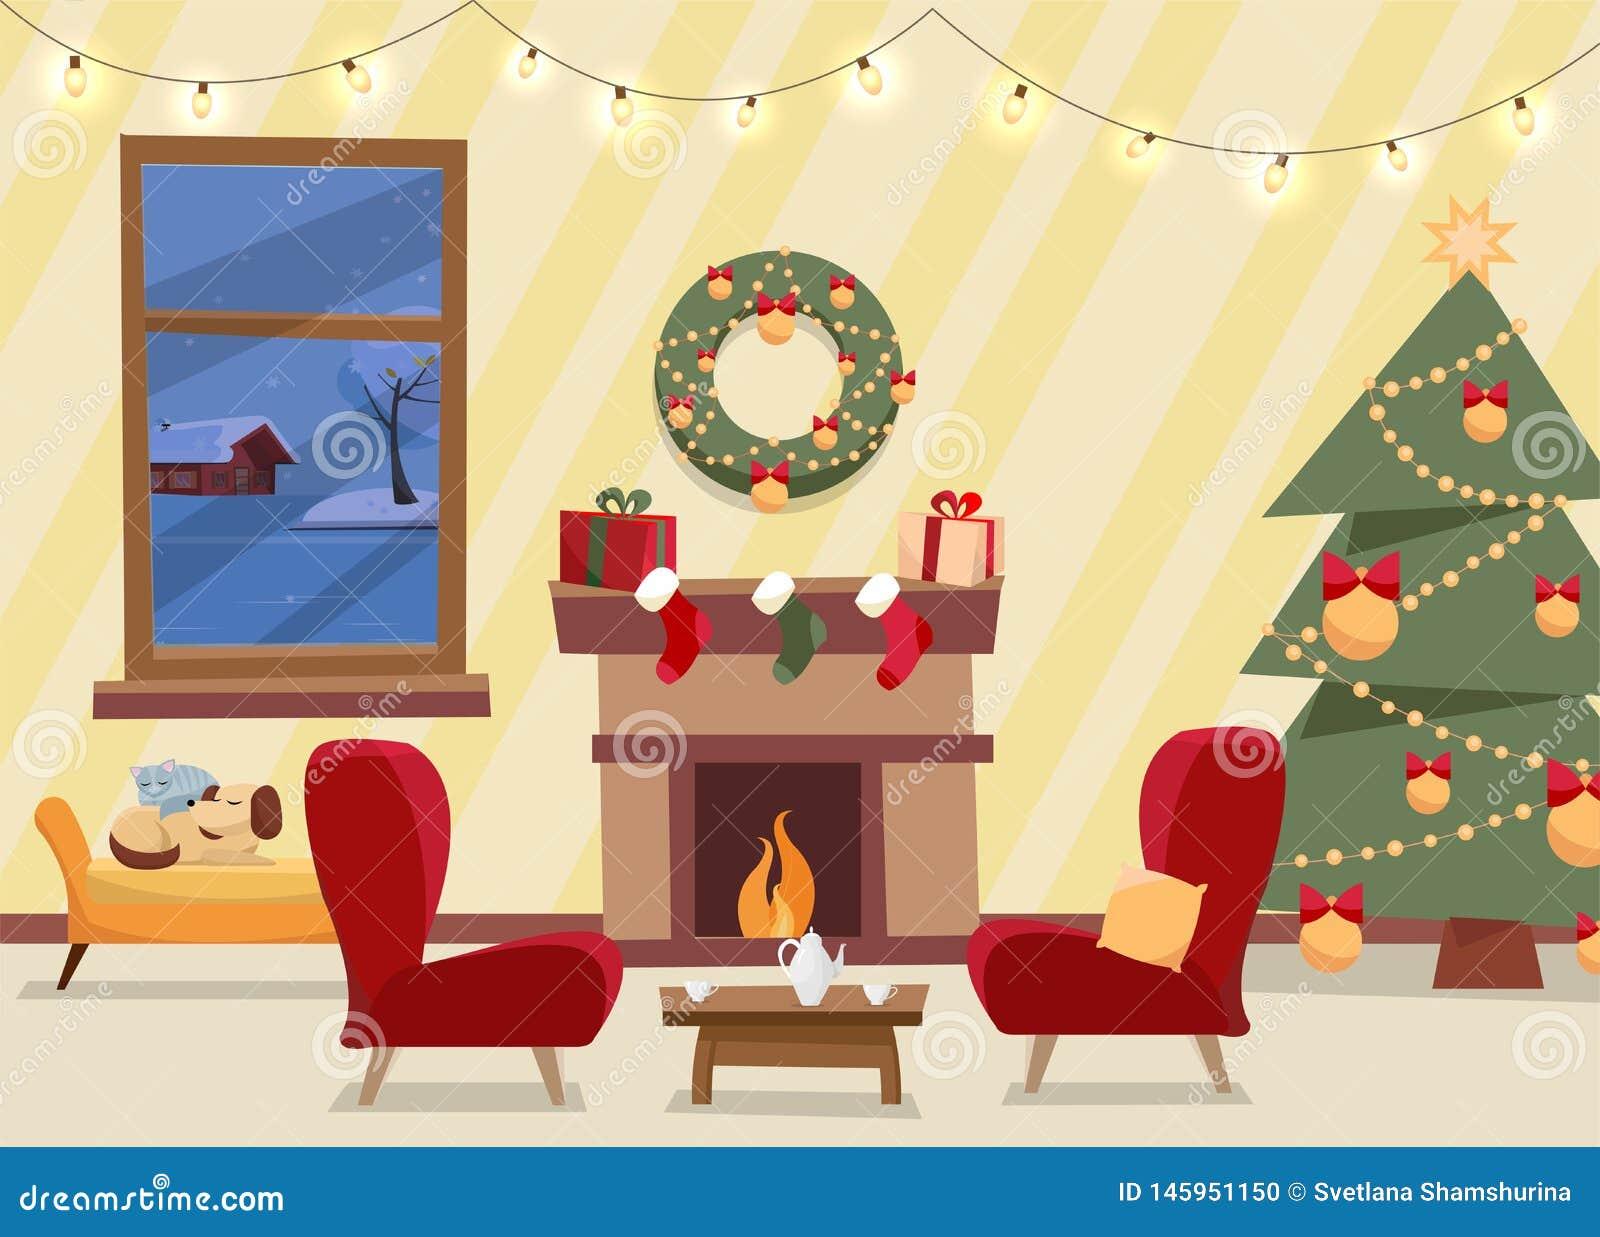 Weihnachtsflacher Vektor des verzierten Wohnzimmers Gem?tlicher Hauptinnenraum mit M?beln, Lehnsessel, Fenster zum Winterabend